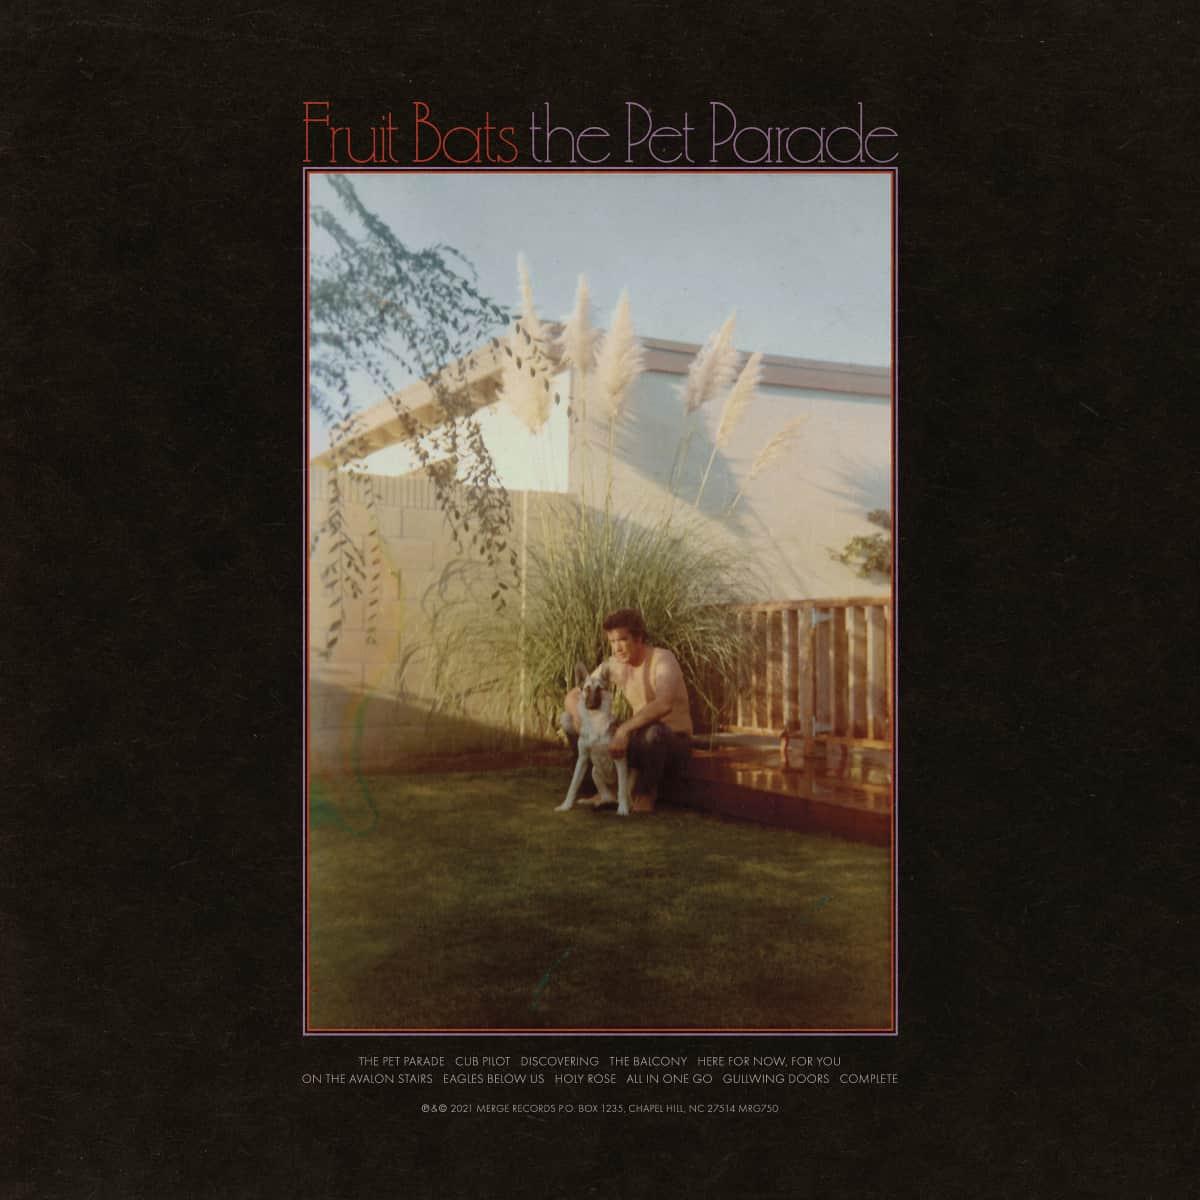 Fruit Bats - The Pet Parade [LTD LP]